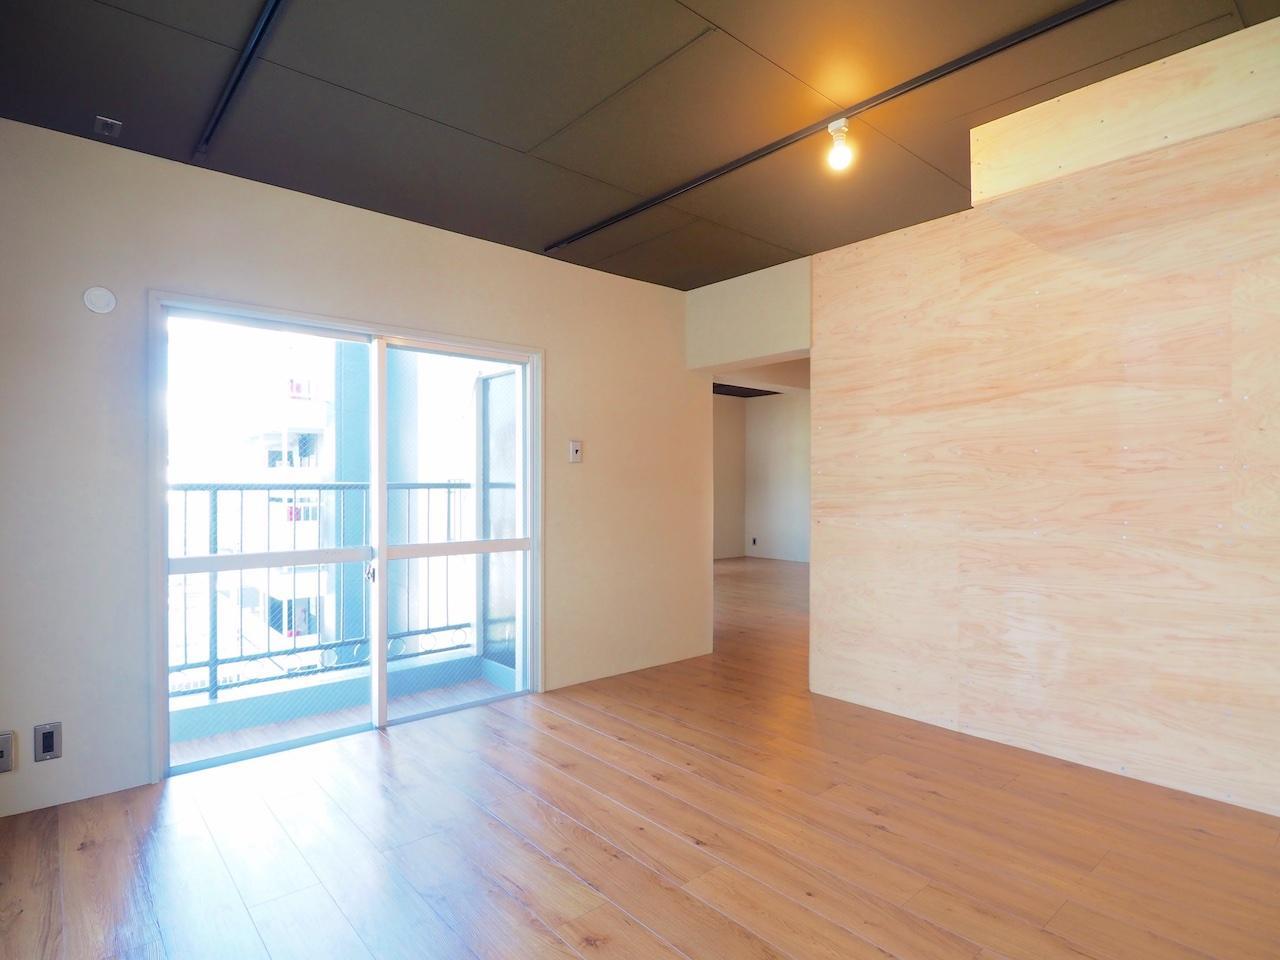 コンバージョンアパートをアジトに (福岡市早良区城西の物件) - 福岡R不動産